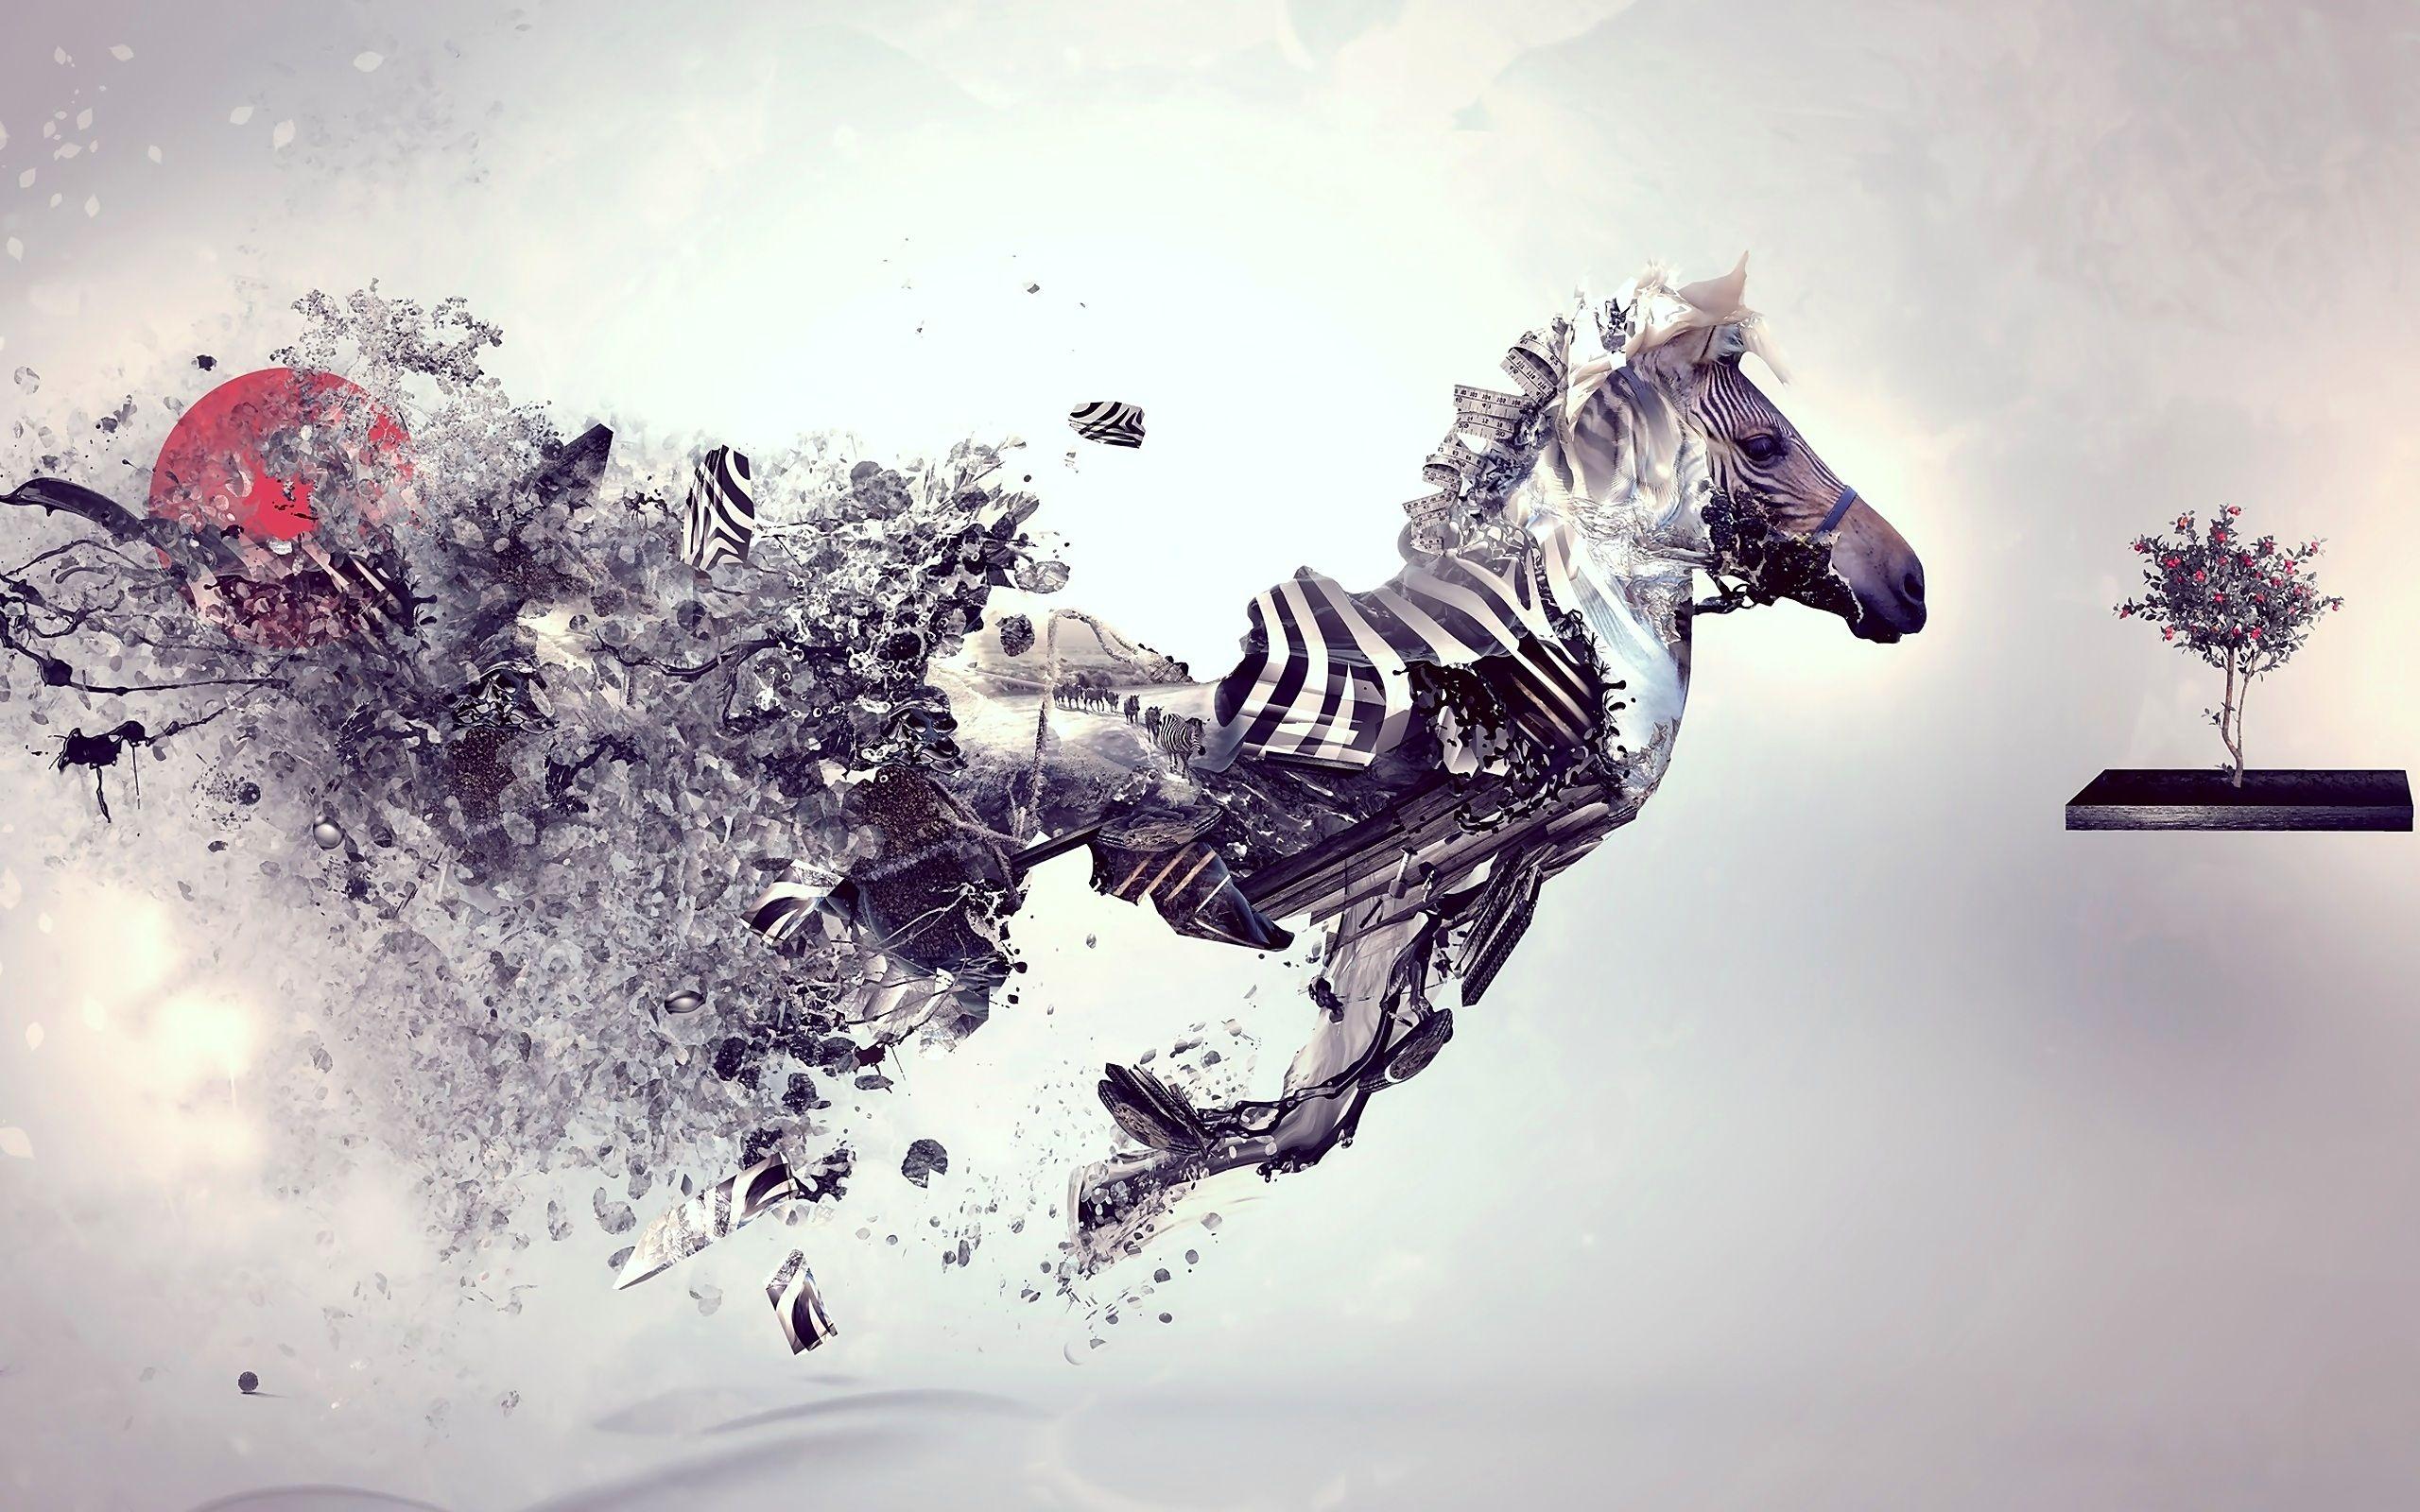 Fantastic Wallpaper Horse Art - dedd3e6fe59dd05985c5833a09e68ea6  Pictures_94393.jpg